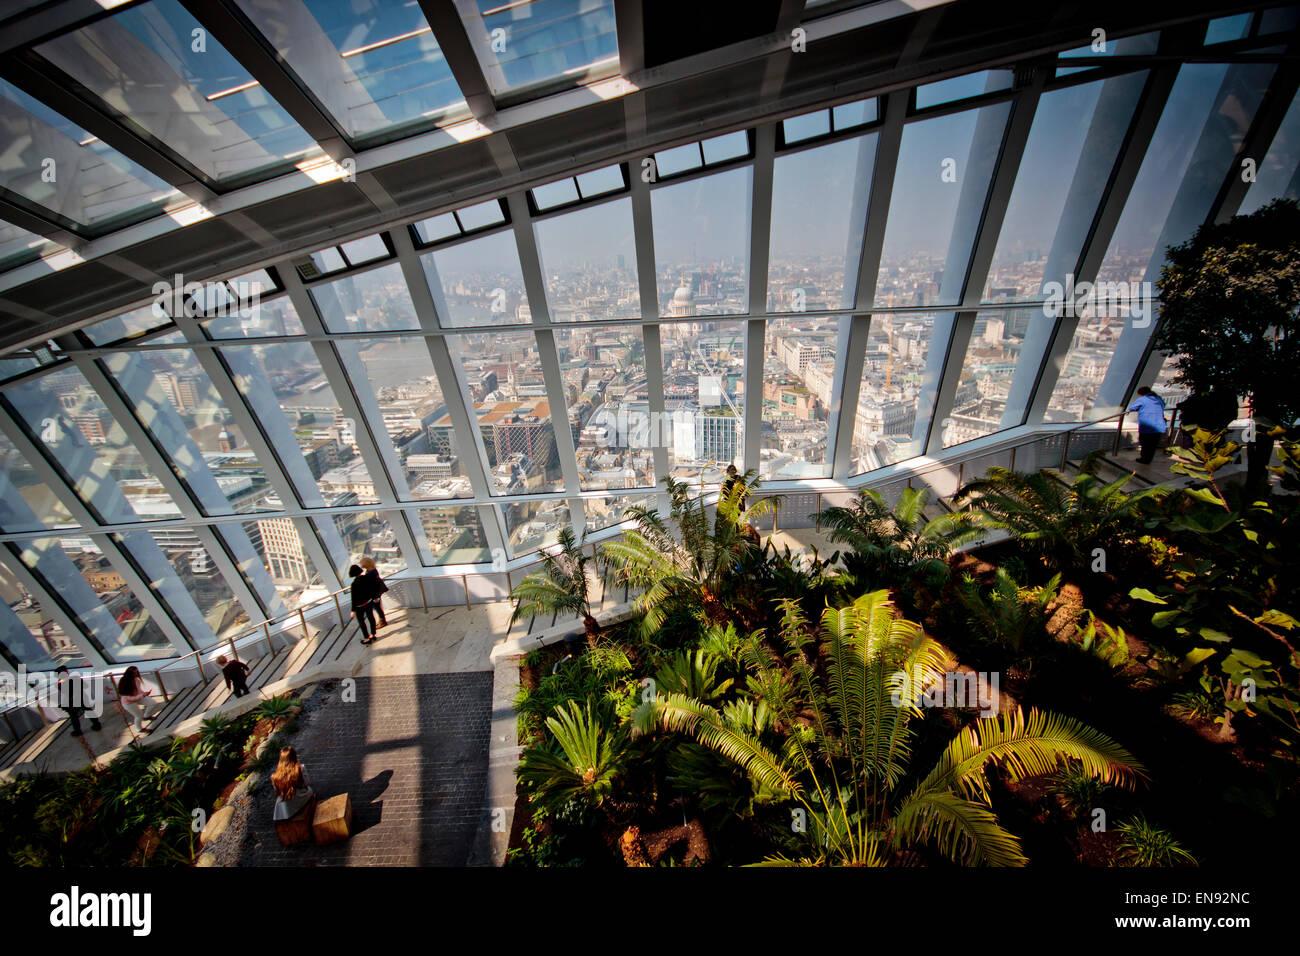 Sky Garden, London, UK © Clarissa Debenham / Alamy - Stock Image